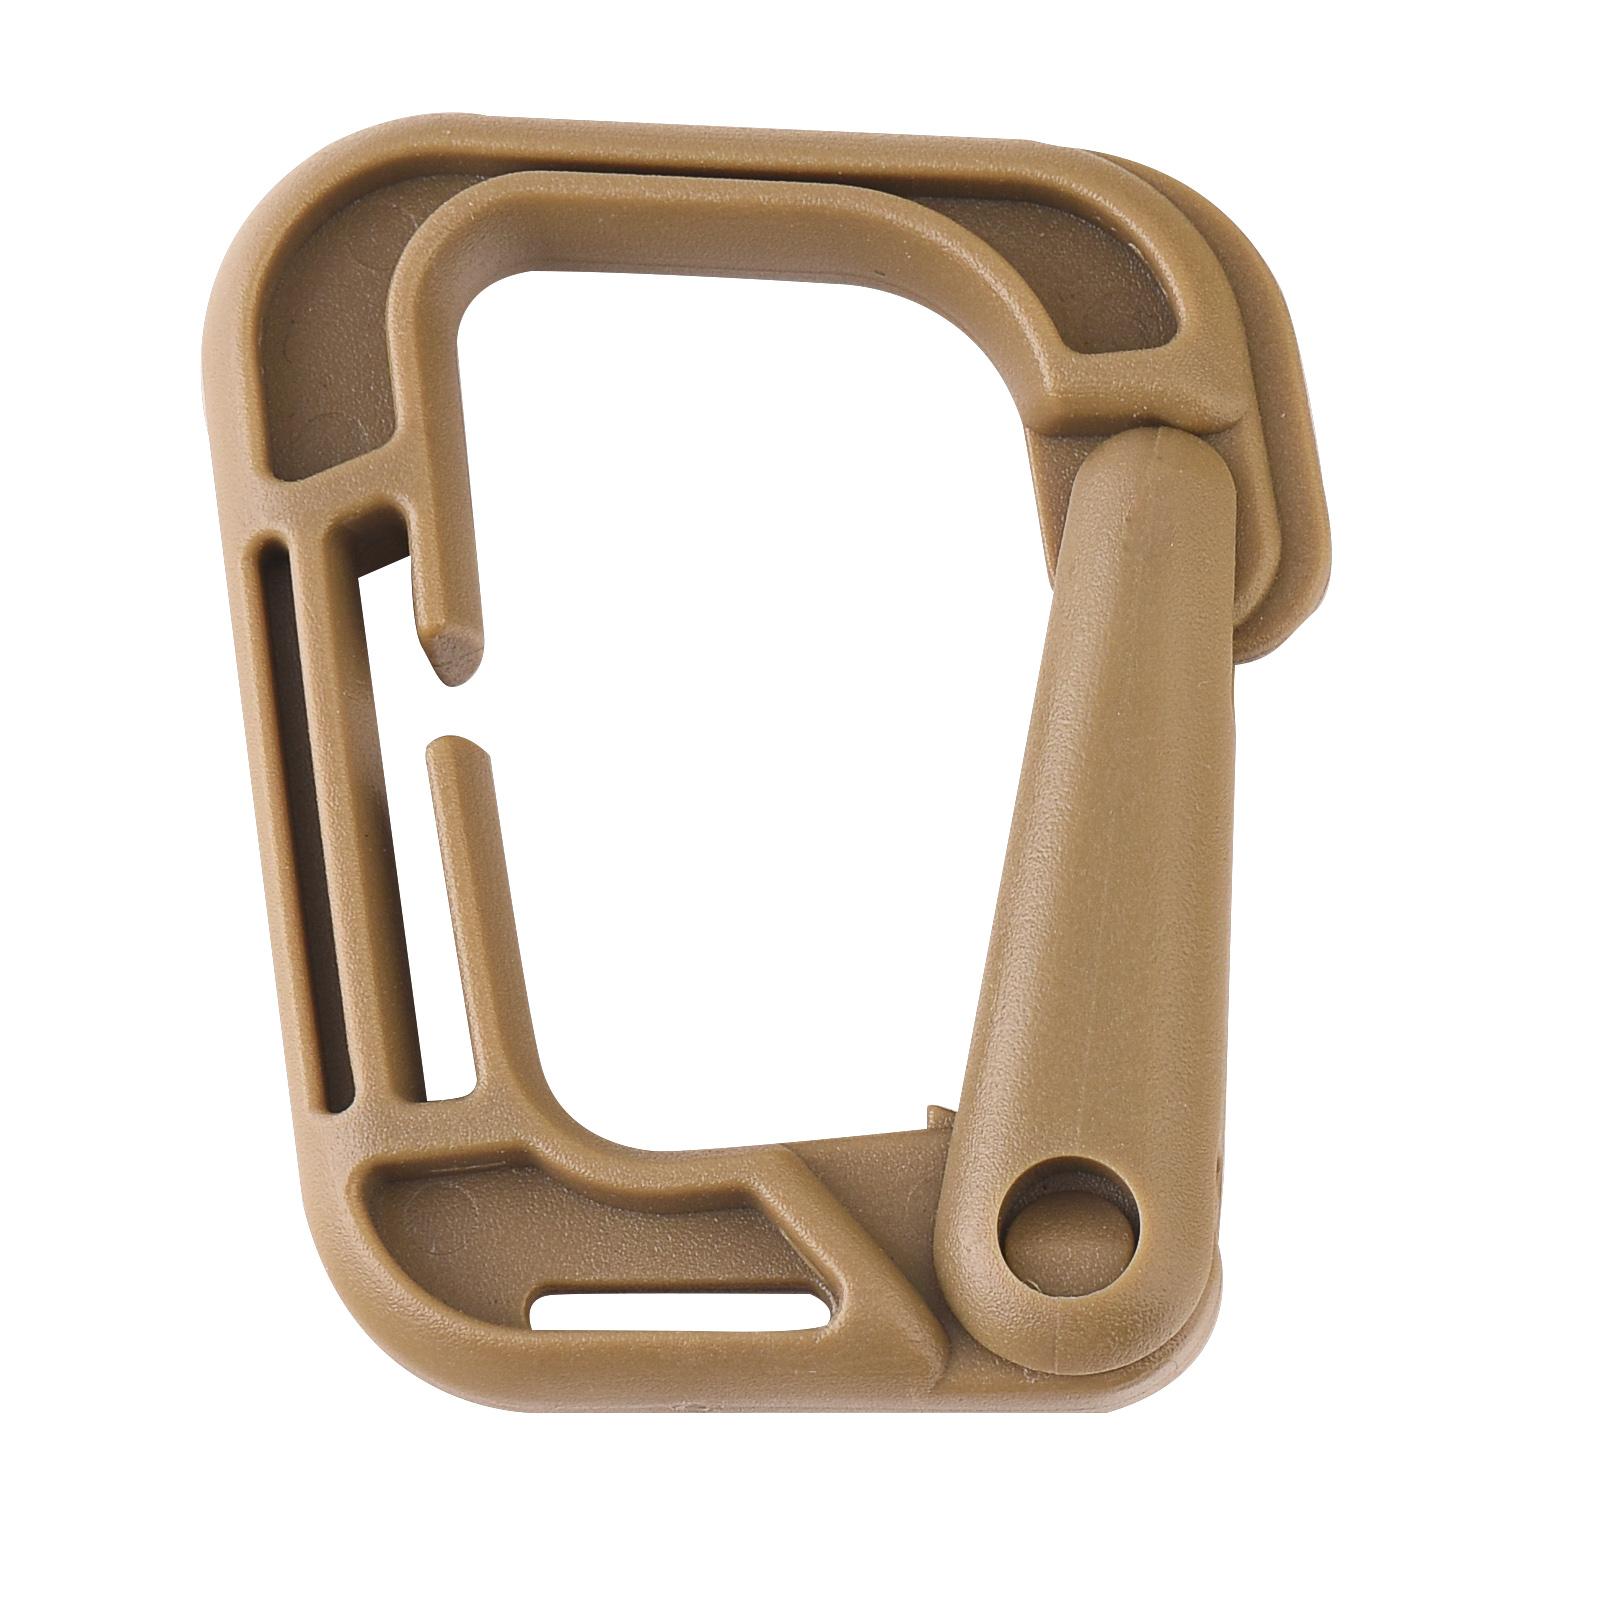 D-образный тактический карабин M-Tec Grimloc (хаки-песок)